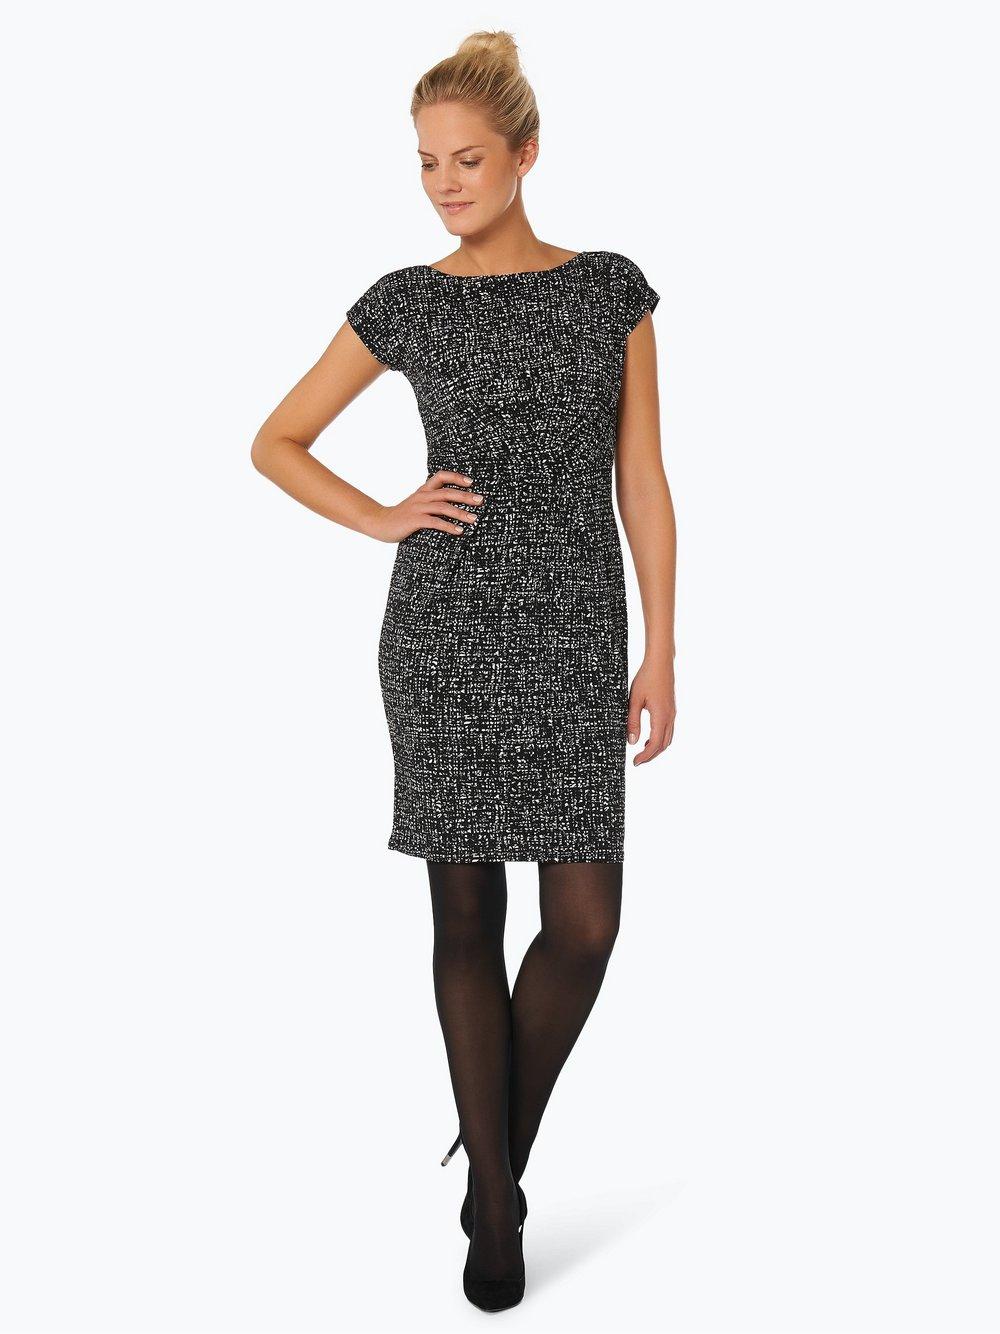 Esprit Collection Damen Kleid schwarz gemustert online kaufen ... b52fff0428